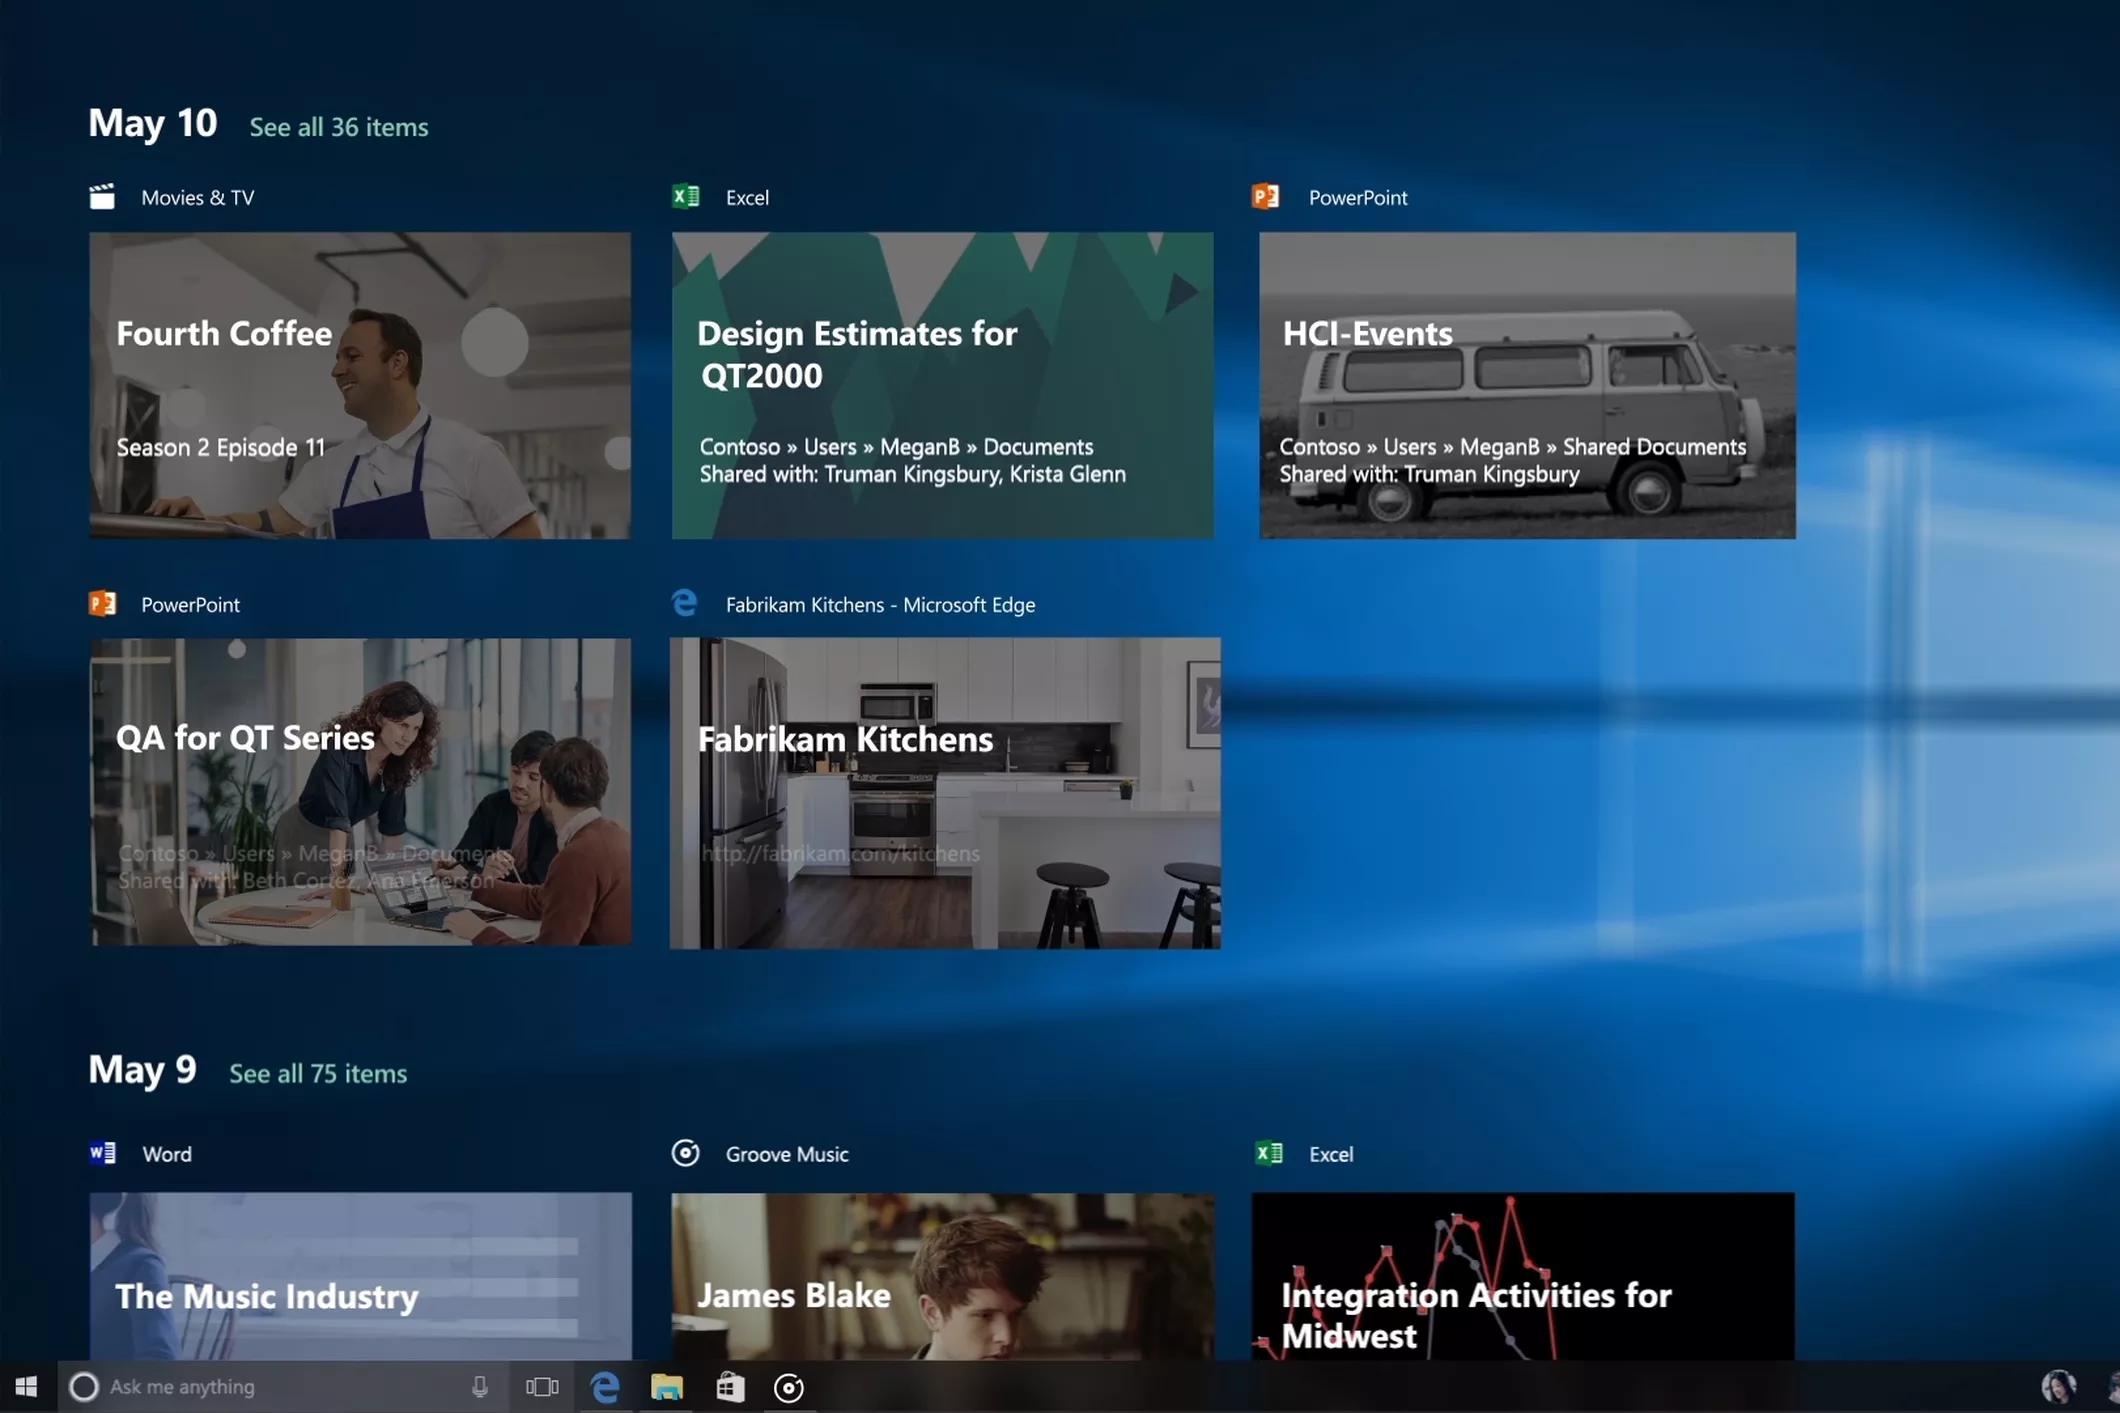 Windows 10 秋季更新看微软的野心   移动互联  第4张